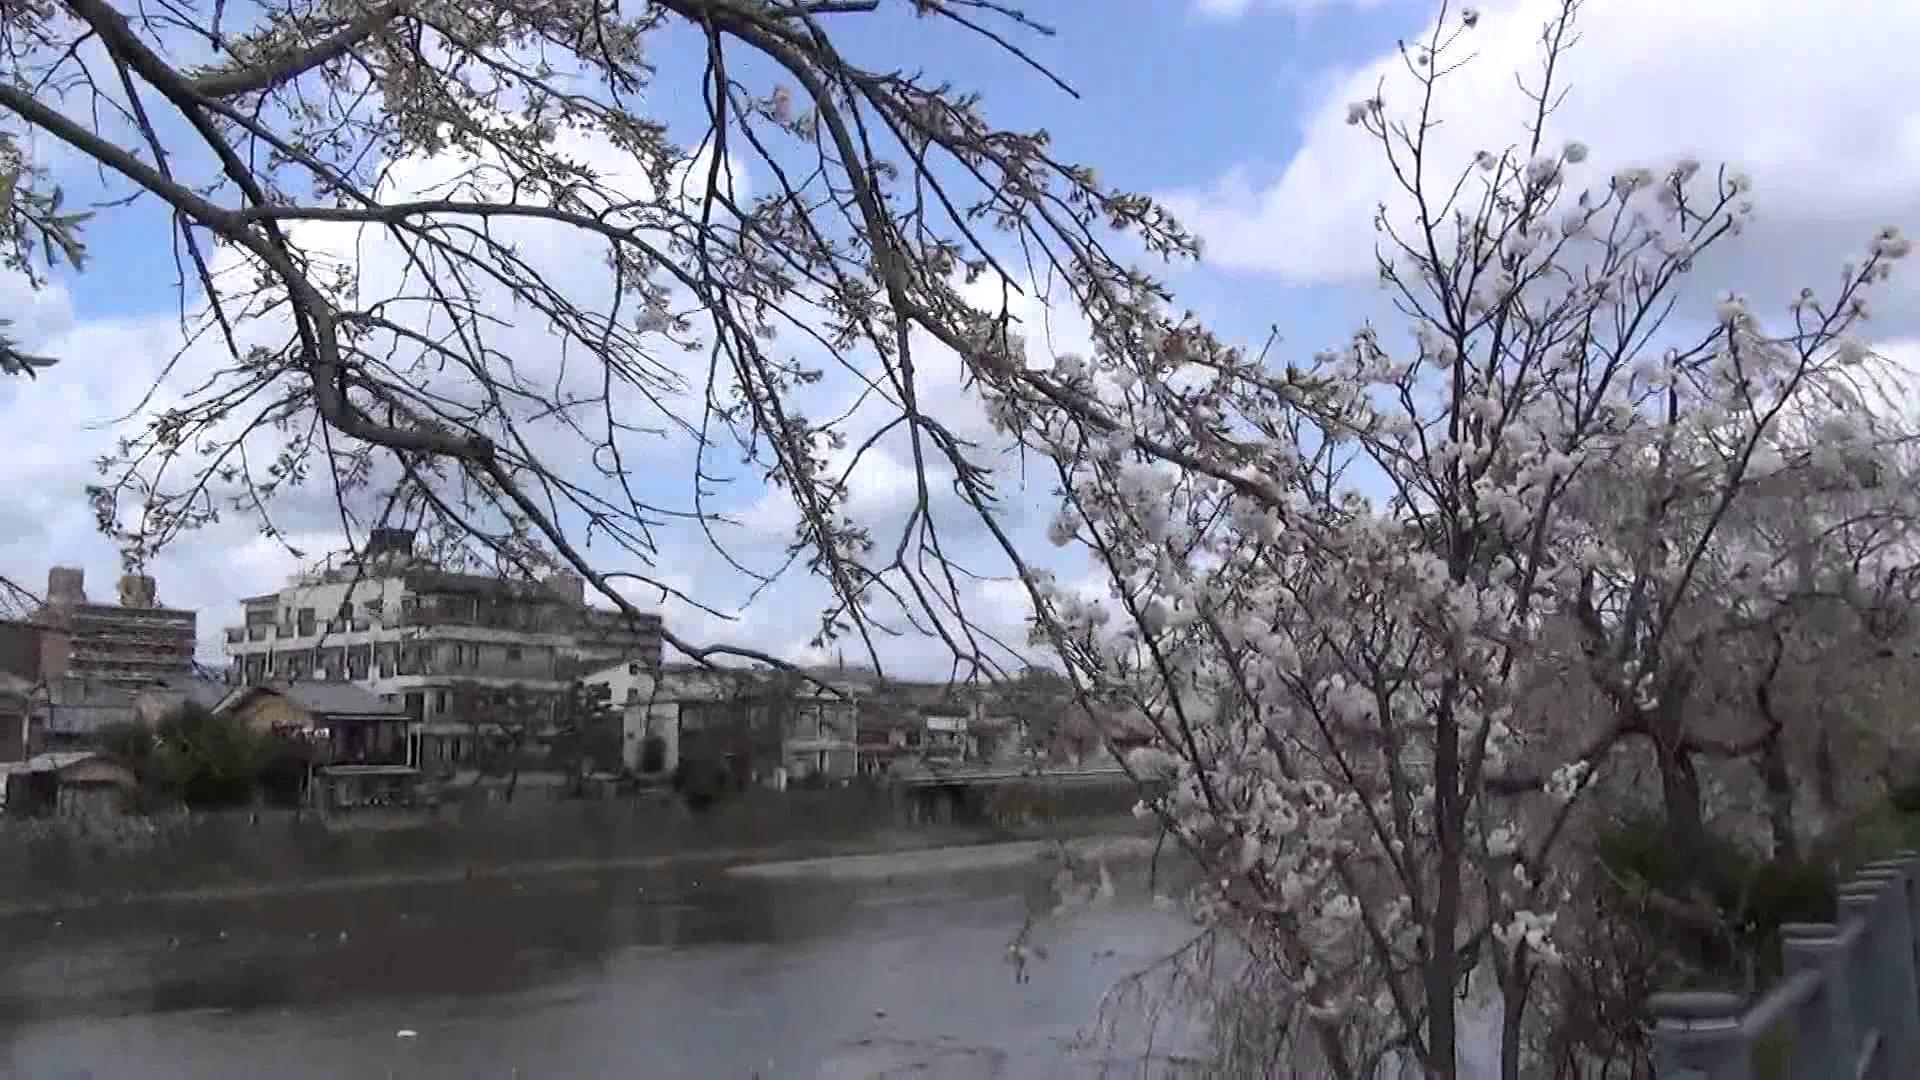 お花見ウォーキングに最適!ずーと可憐な桜が続く、京都 川端通の七条大橋付近から四条大橋まで歩くと・・・